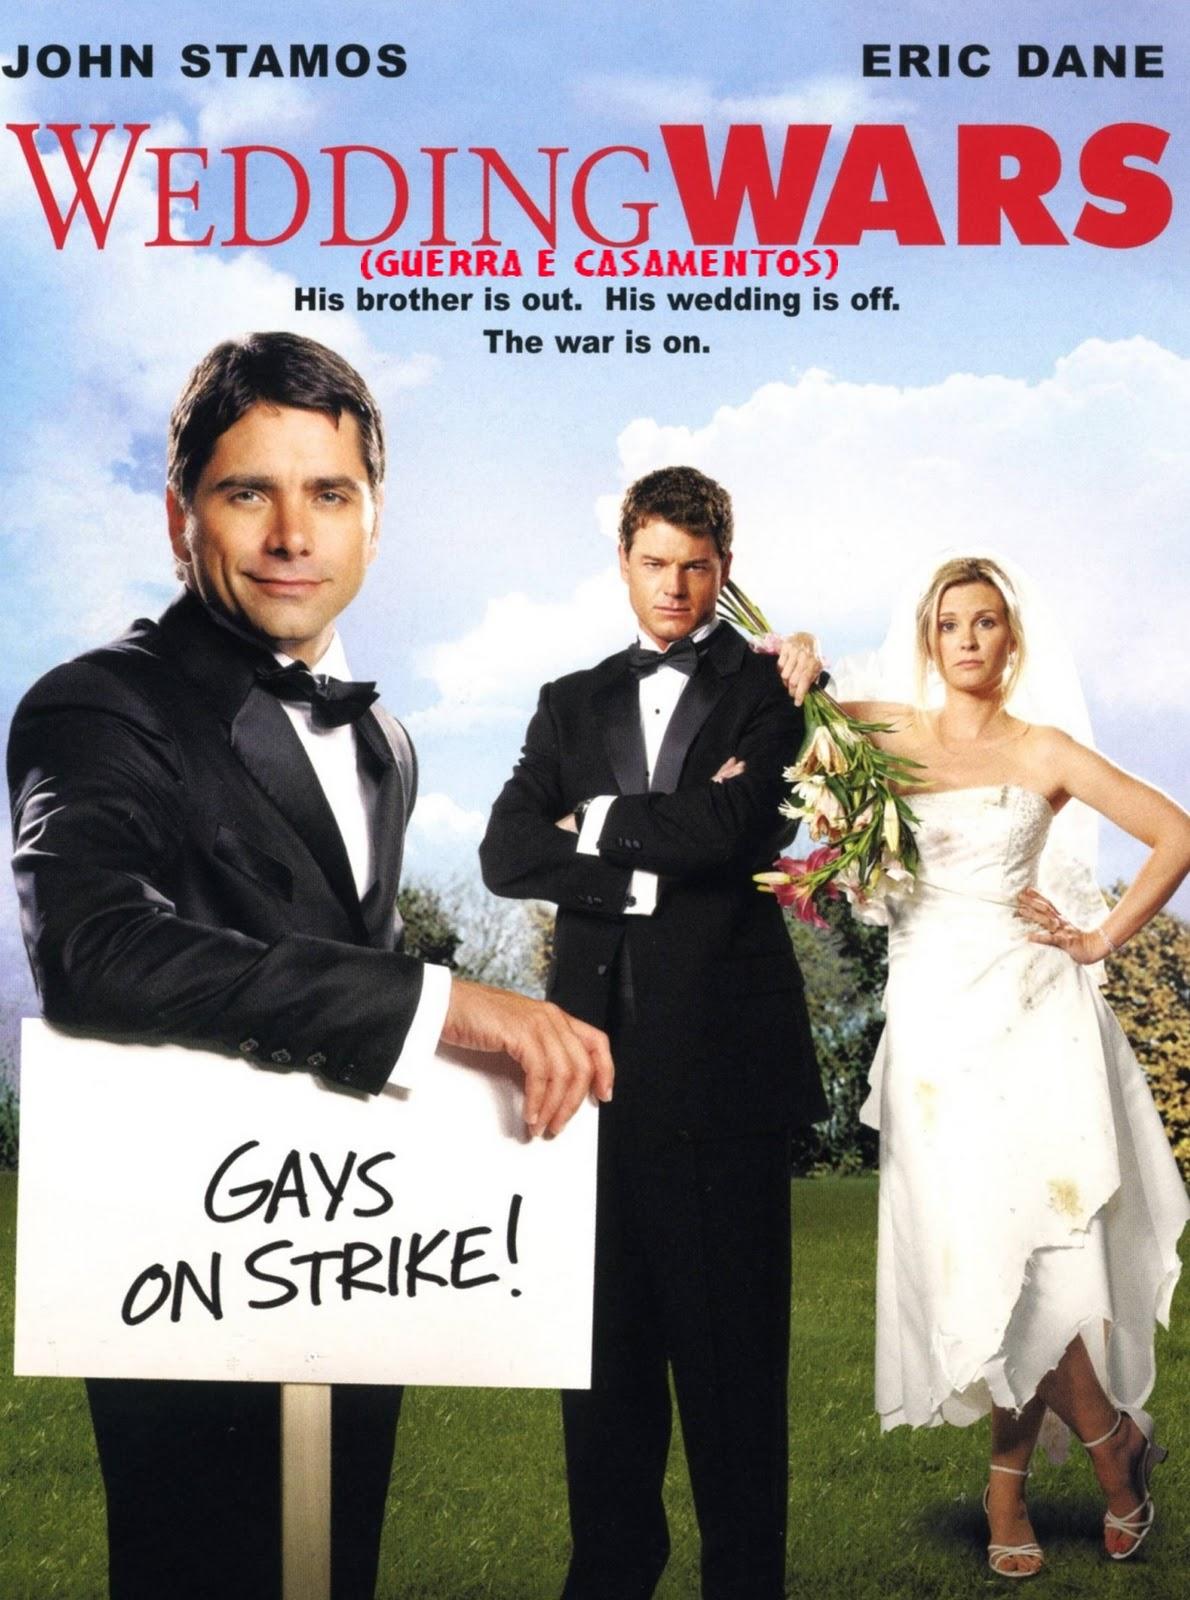 http://4.bp.blogspot.com/_dVQkuAOSYTQ/TPUIy7FE5NI/AAAAAAAABTY/AKvT38c7eLs/s1600/Wedding.jpg